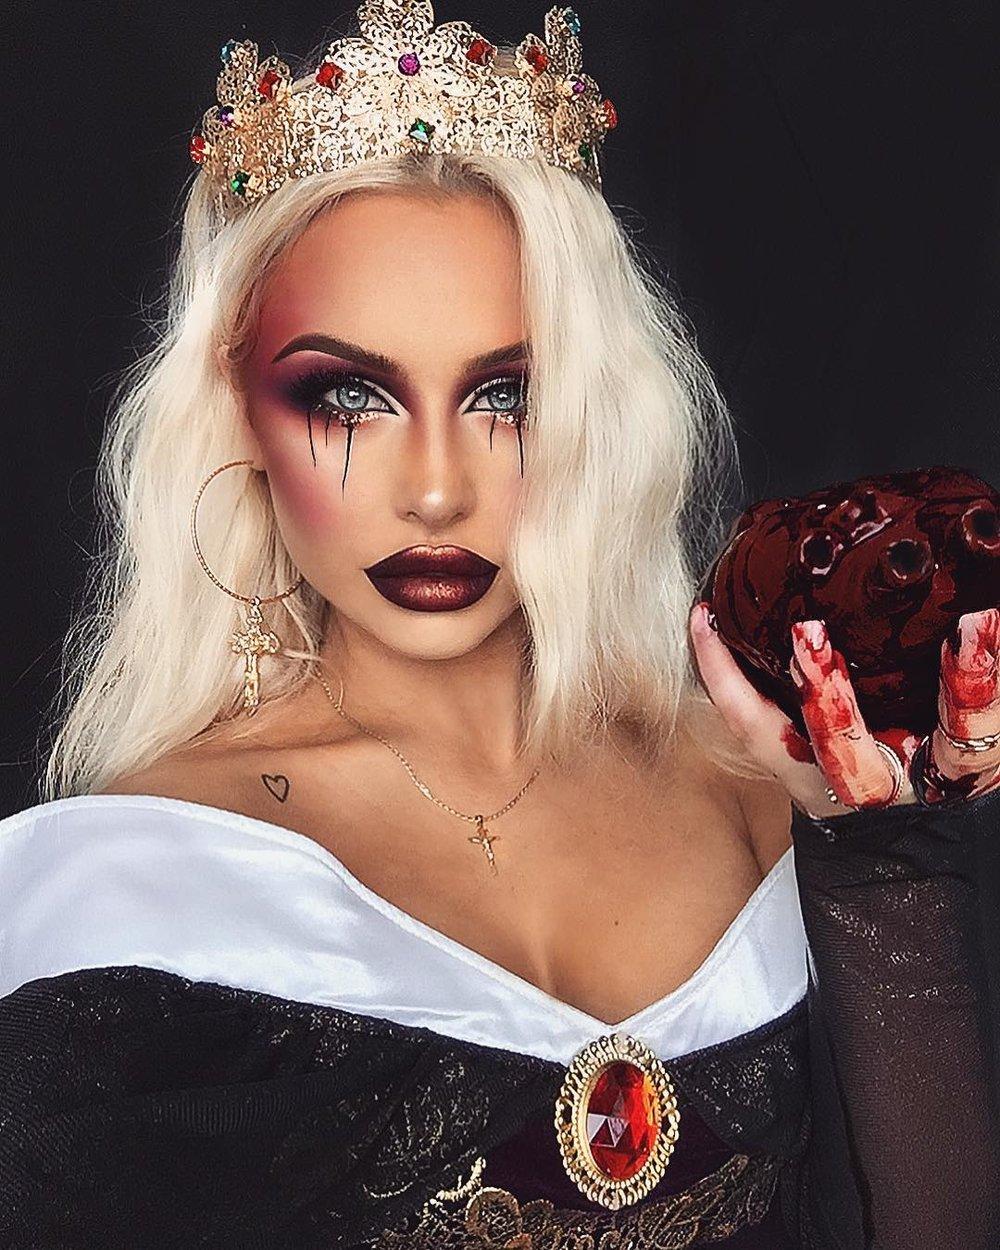 Dark Queen - @bybrookelle